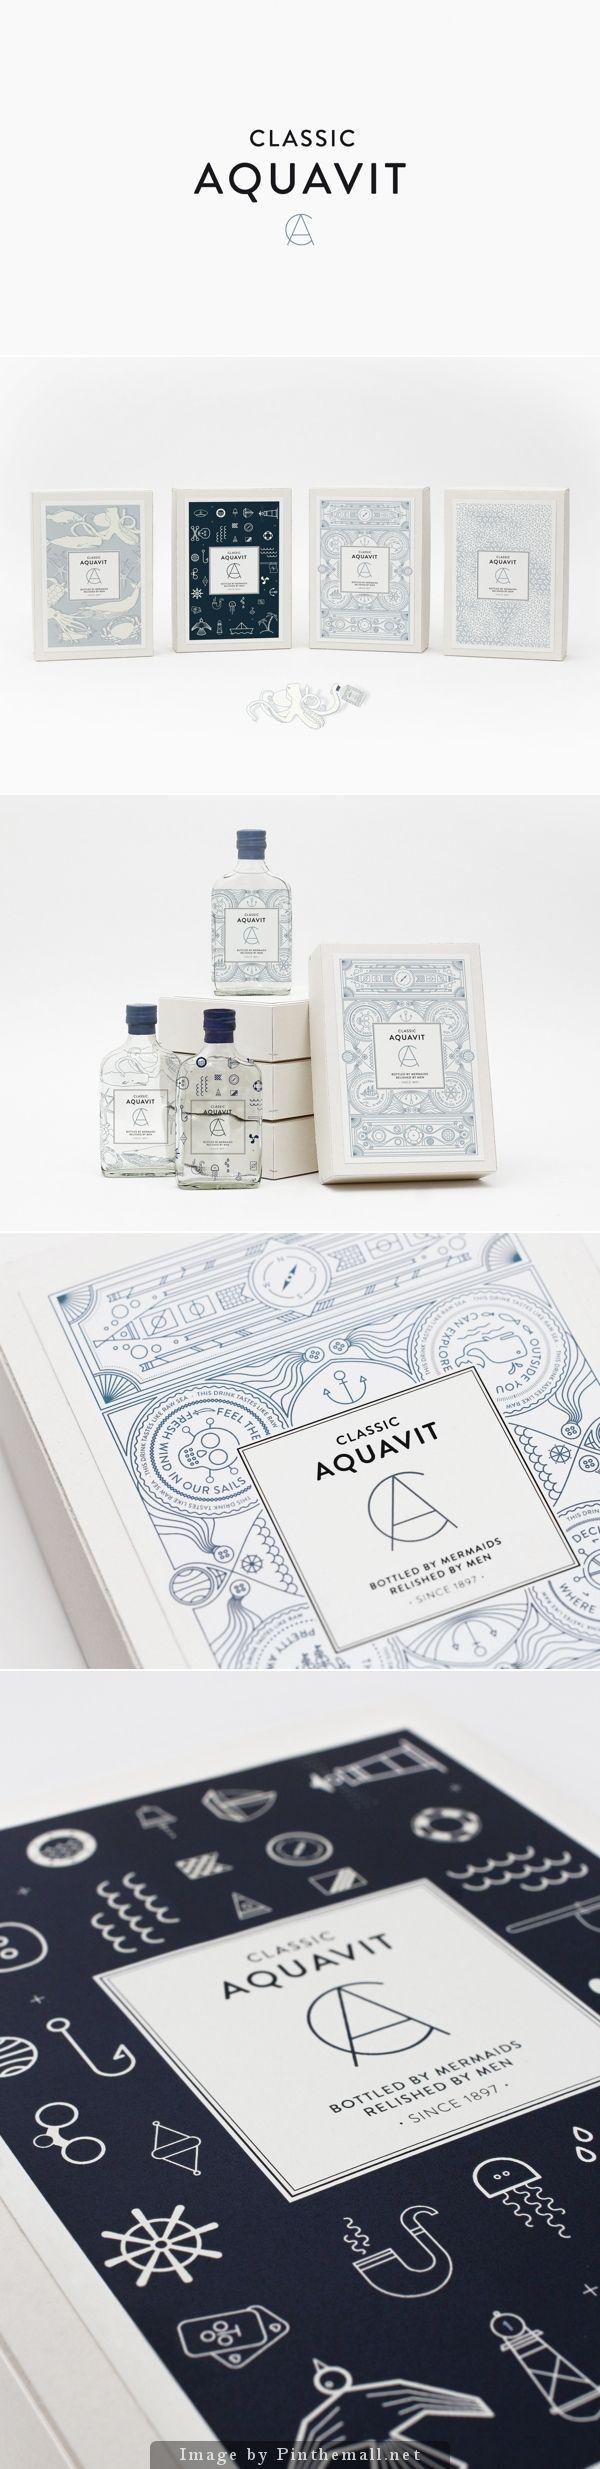 L'artiste responsable de ce beau packaging est Nina Brandt, une graphiste/illustratrice basée en Allemagne. Ses illustrations réalisées pour Classic Aquavit sont à la fois simples et complexes. Construites à partir de lignes, on pourrait croire qu'il s'agit de pictogrammes imbriqués les uns dans les autres. Un résultat bluffant, beau, qu'on pourrait regarder des heures et …